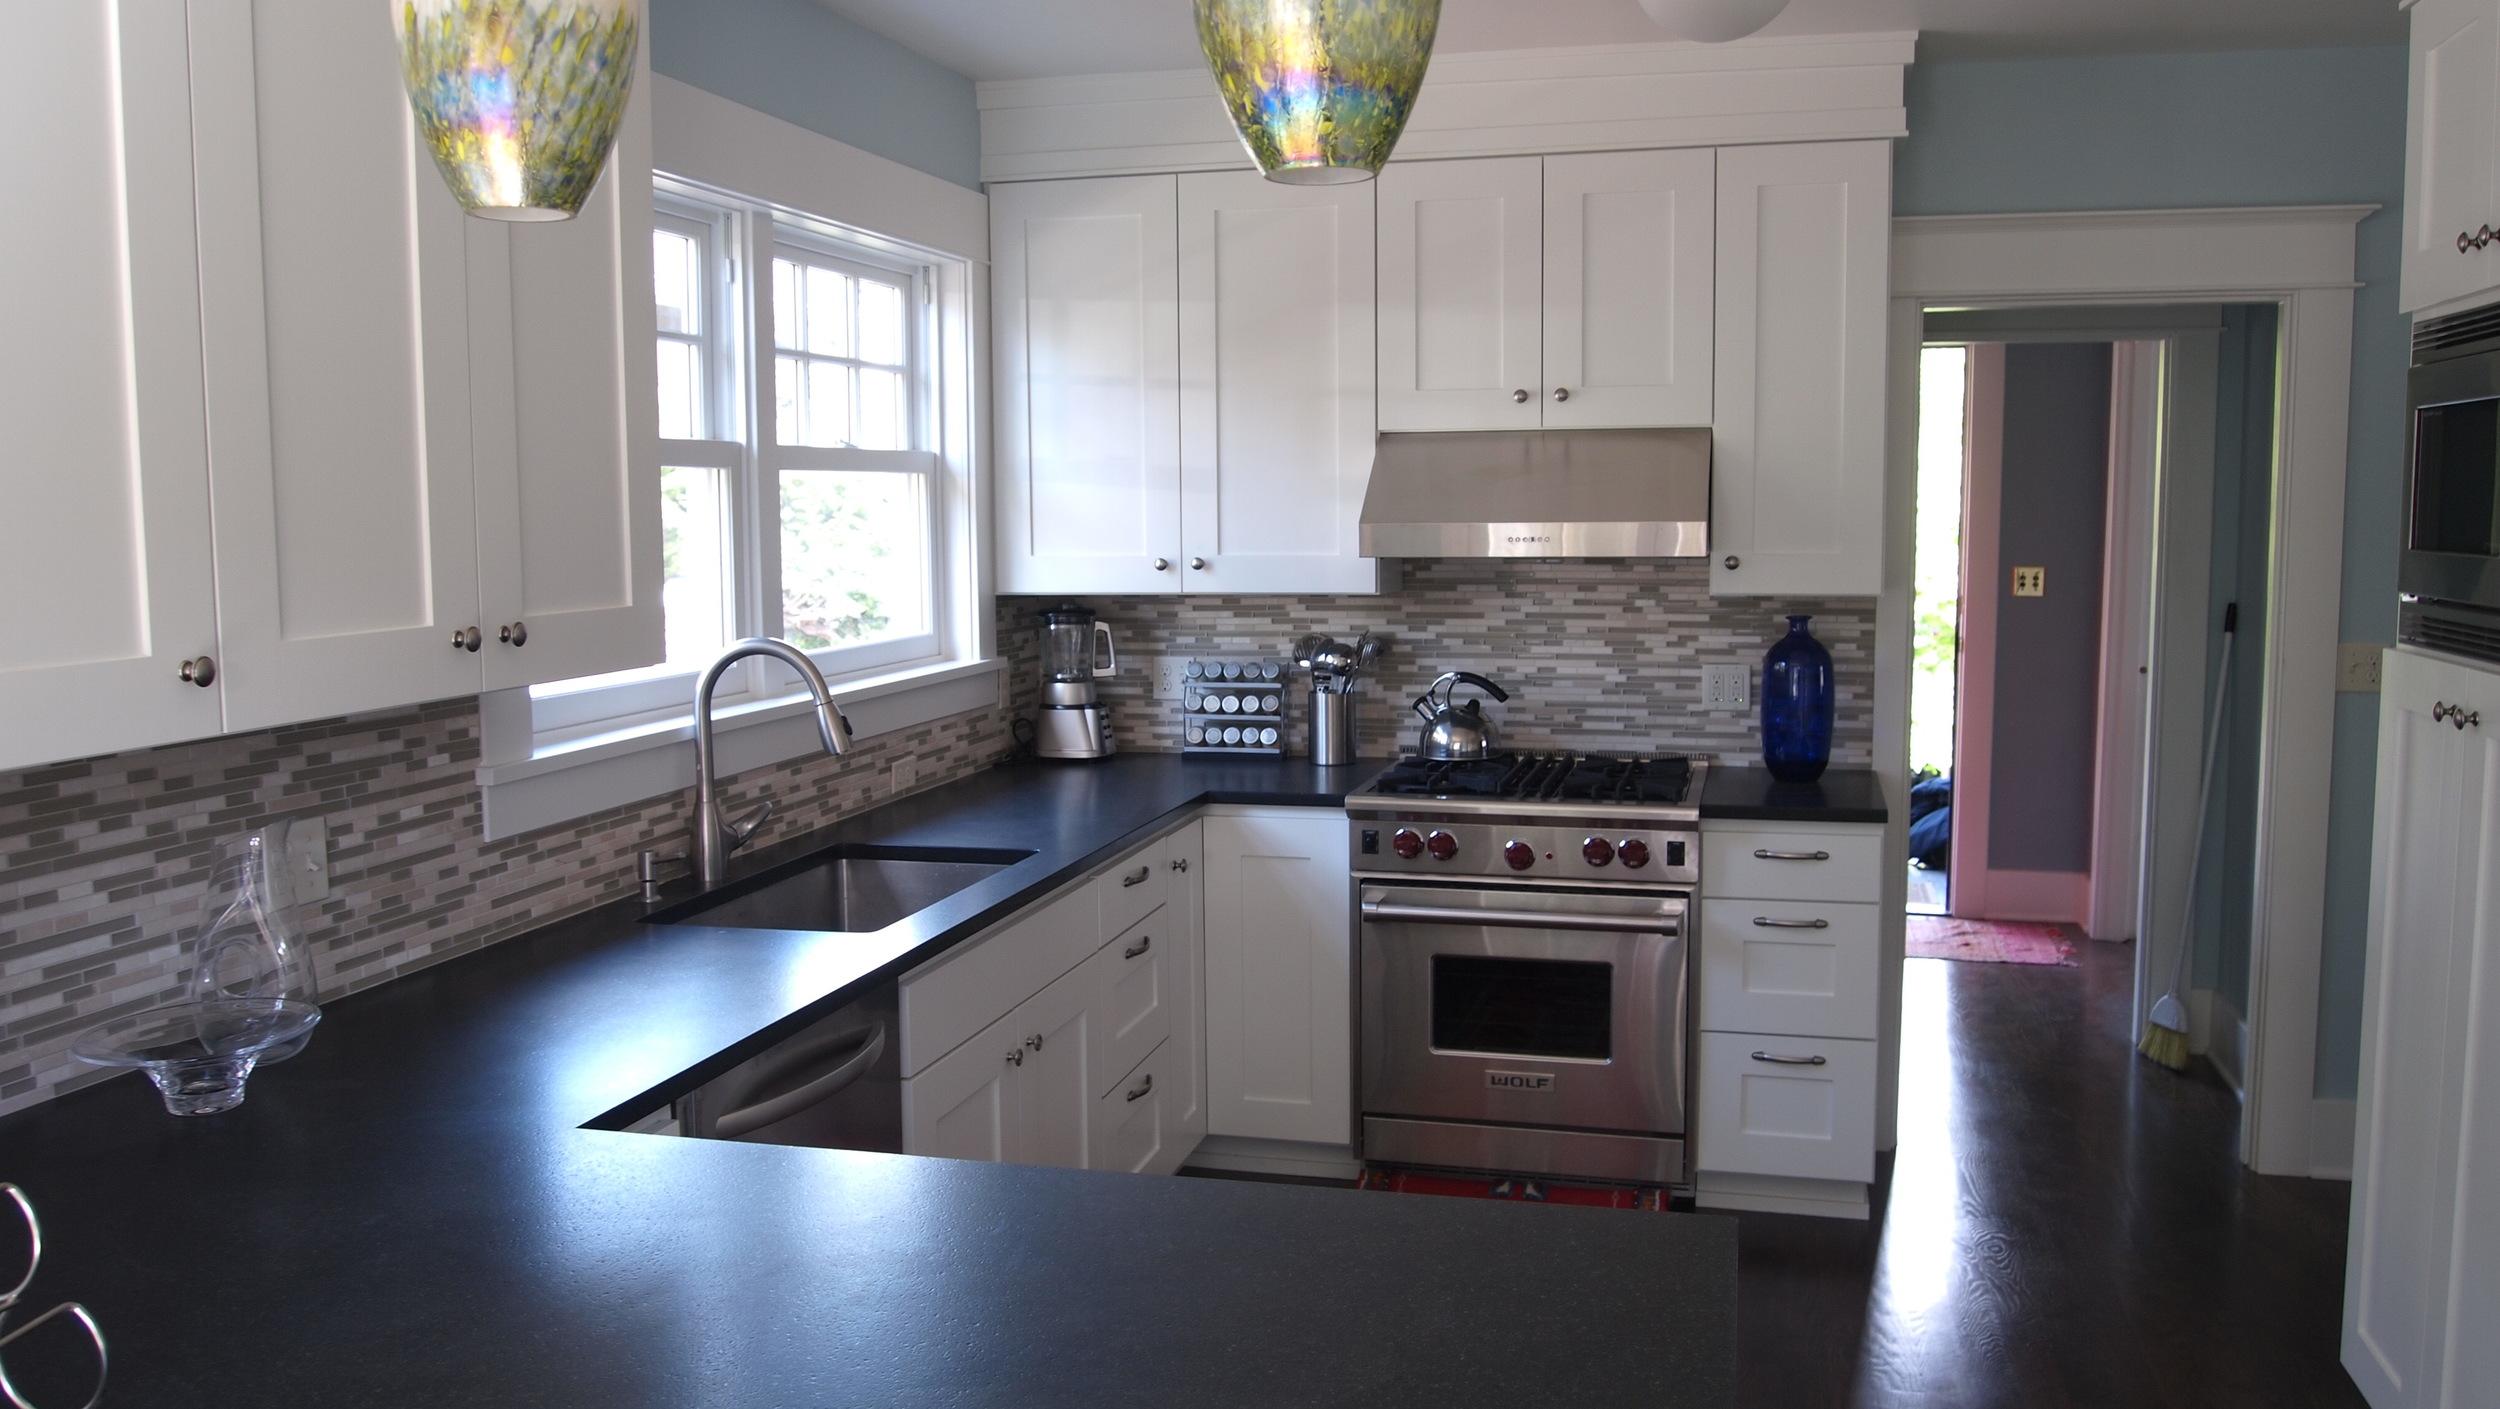 7Ballard kitchen after.jpg